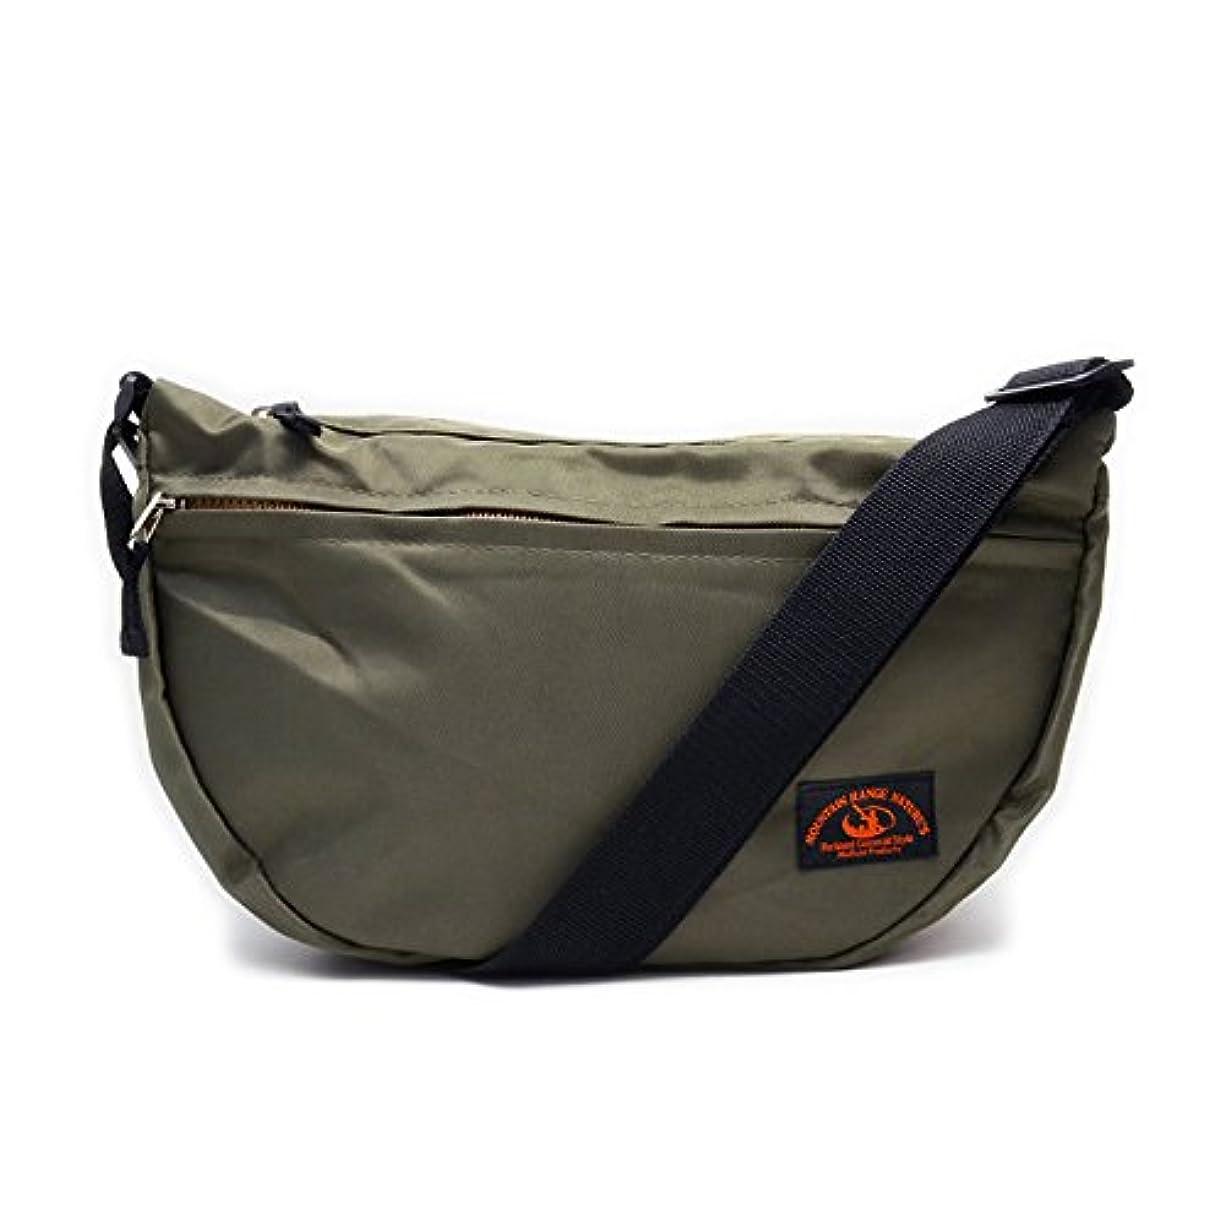 転倒リングレット管理(Marib select) ショルダーバッグ 軽量 弓型ショルダー シンプル メッセンジャーバッグ 斜めがけバッグ 鞄 バッグ ユニセックス 普段使いに最適 (4カラー)